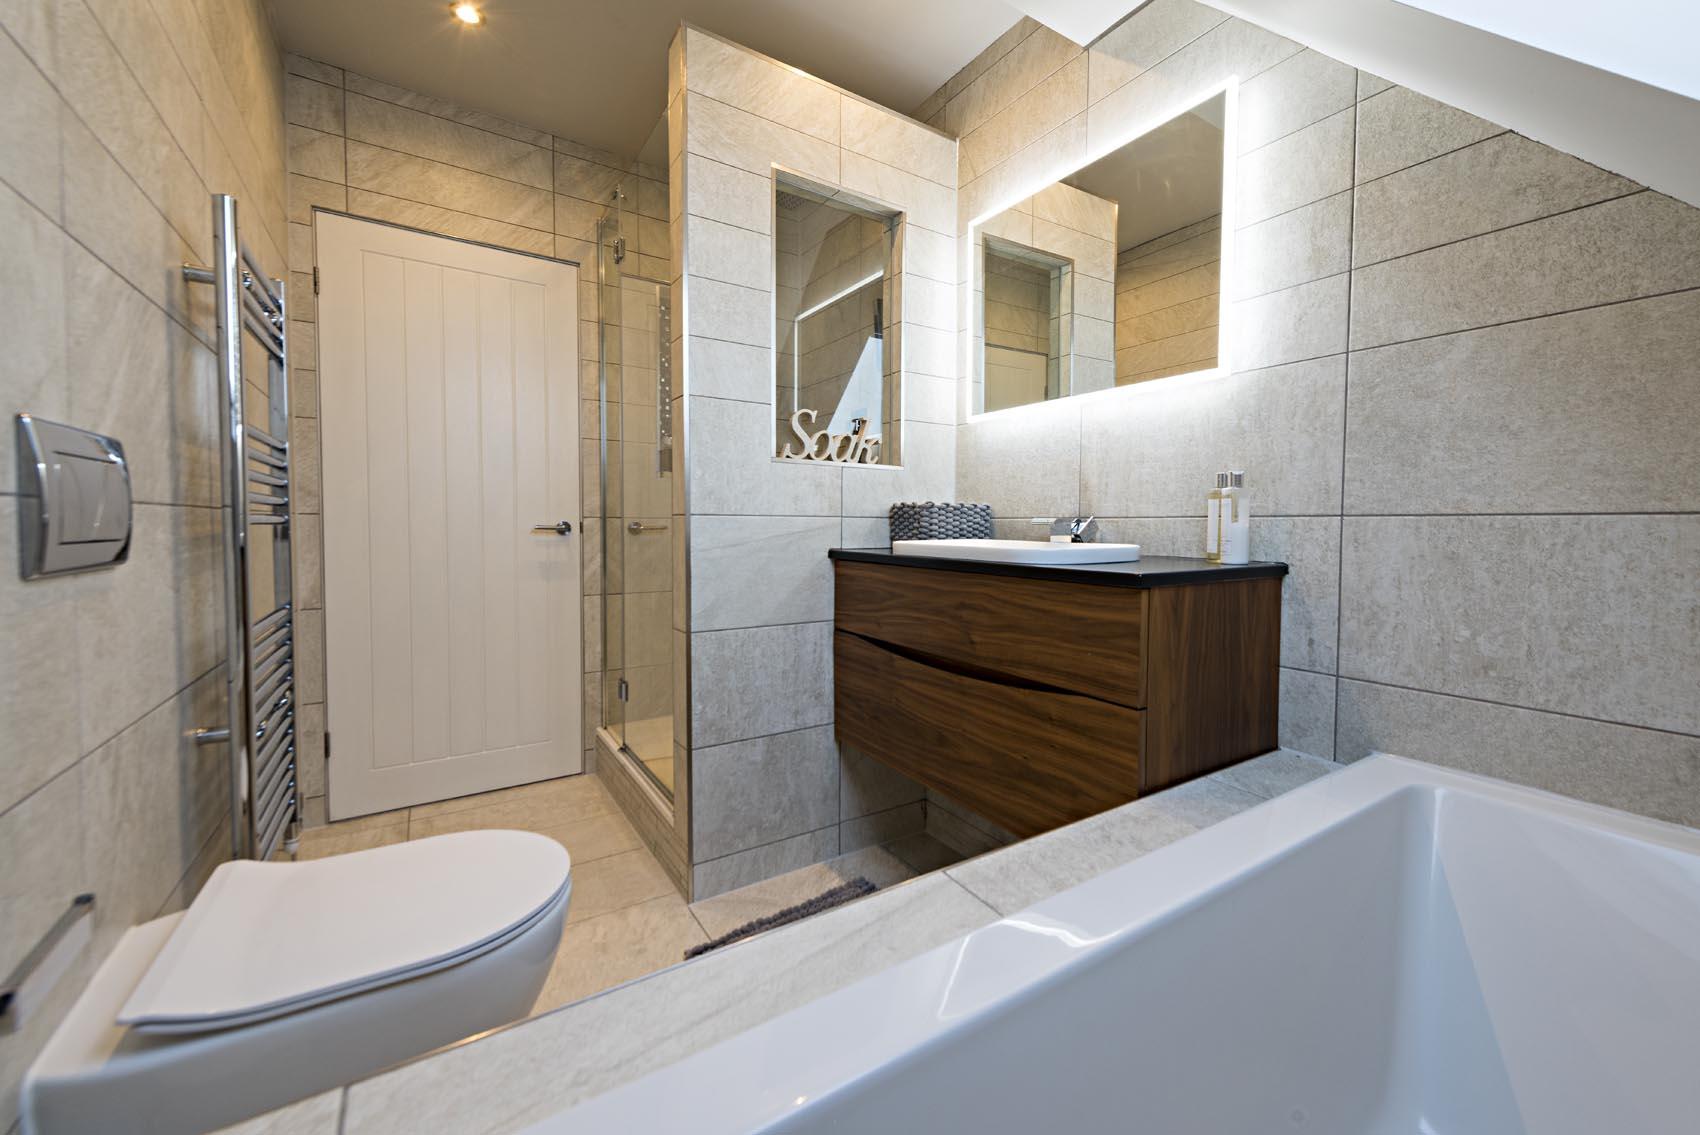 house bathroom 2.jpg